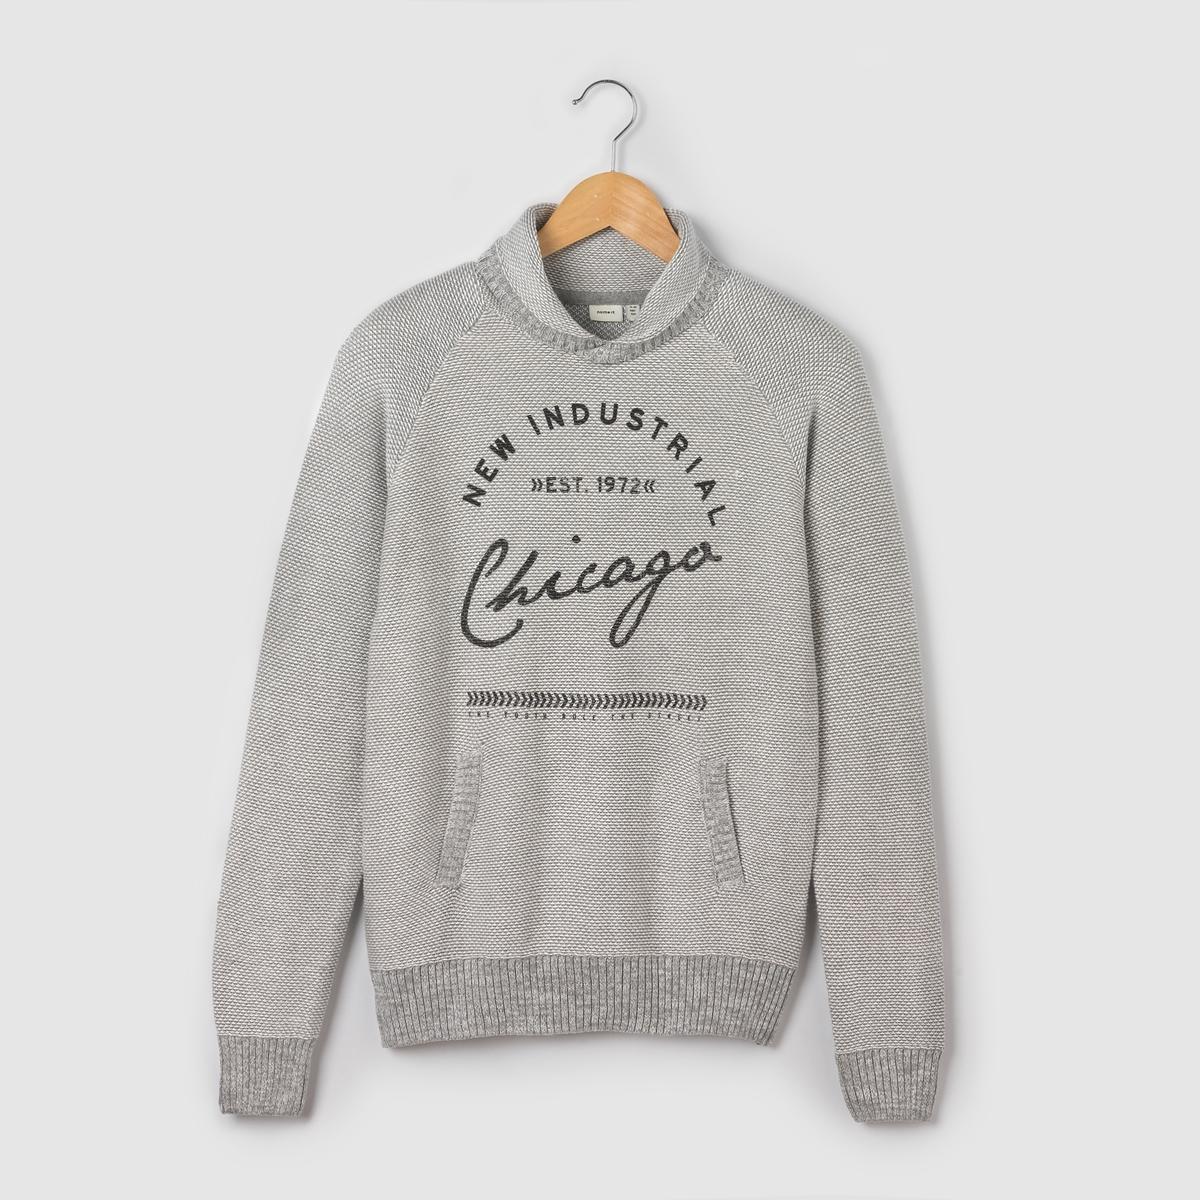 Пуловер, 100% хлопка, 7 - 14 летСостав и описаниеМарка: NAME ITМатериал: 100% хлопка.УходСтирать при 30°Cс вещами схожих цветов. Гладить на средней температуре.<br><br>Цвет: серый<br>Размер: 11/12 лет - 144/150 см